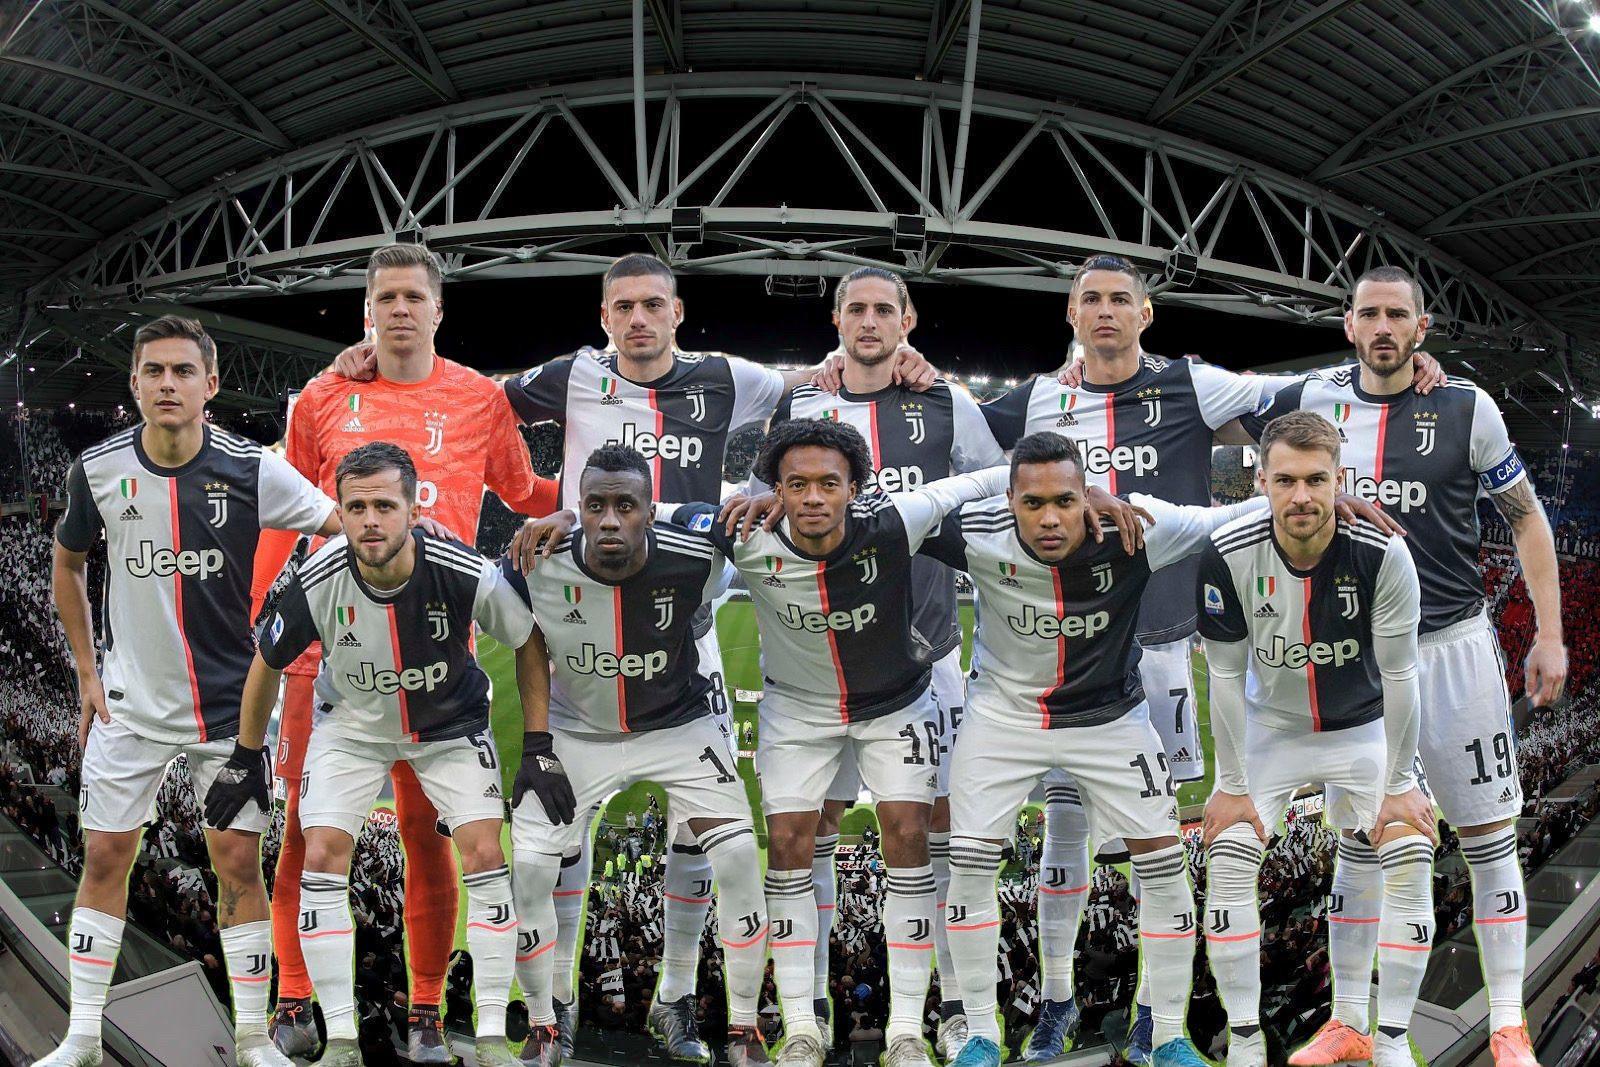 Juventus Parma probabili formazioni: dubbio Ronaldo, novità